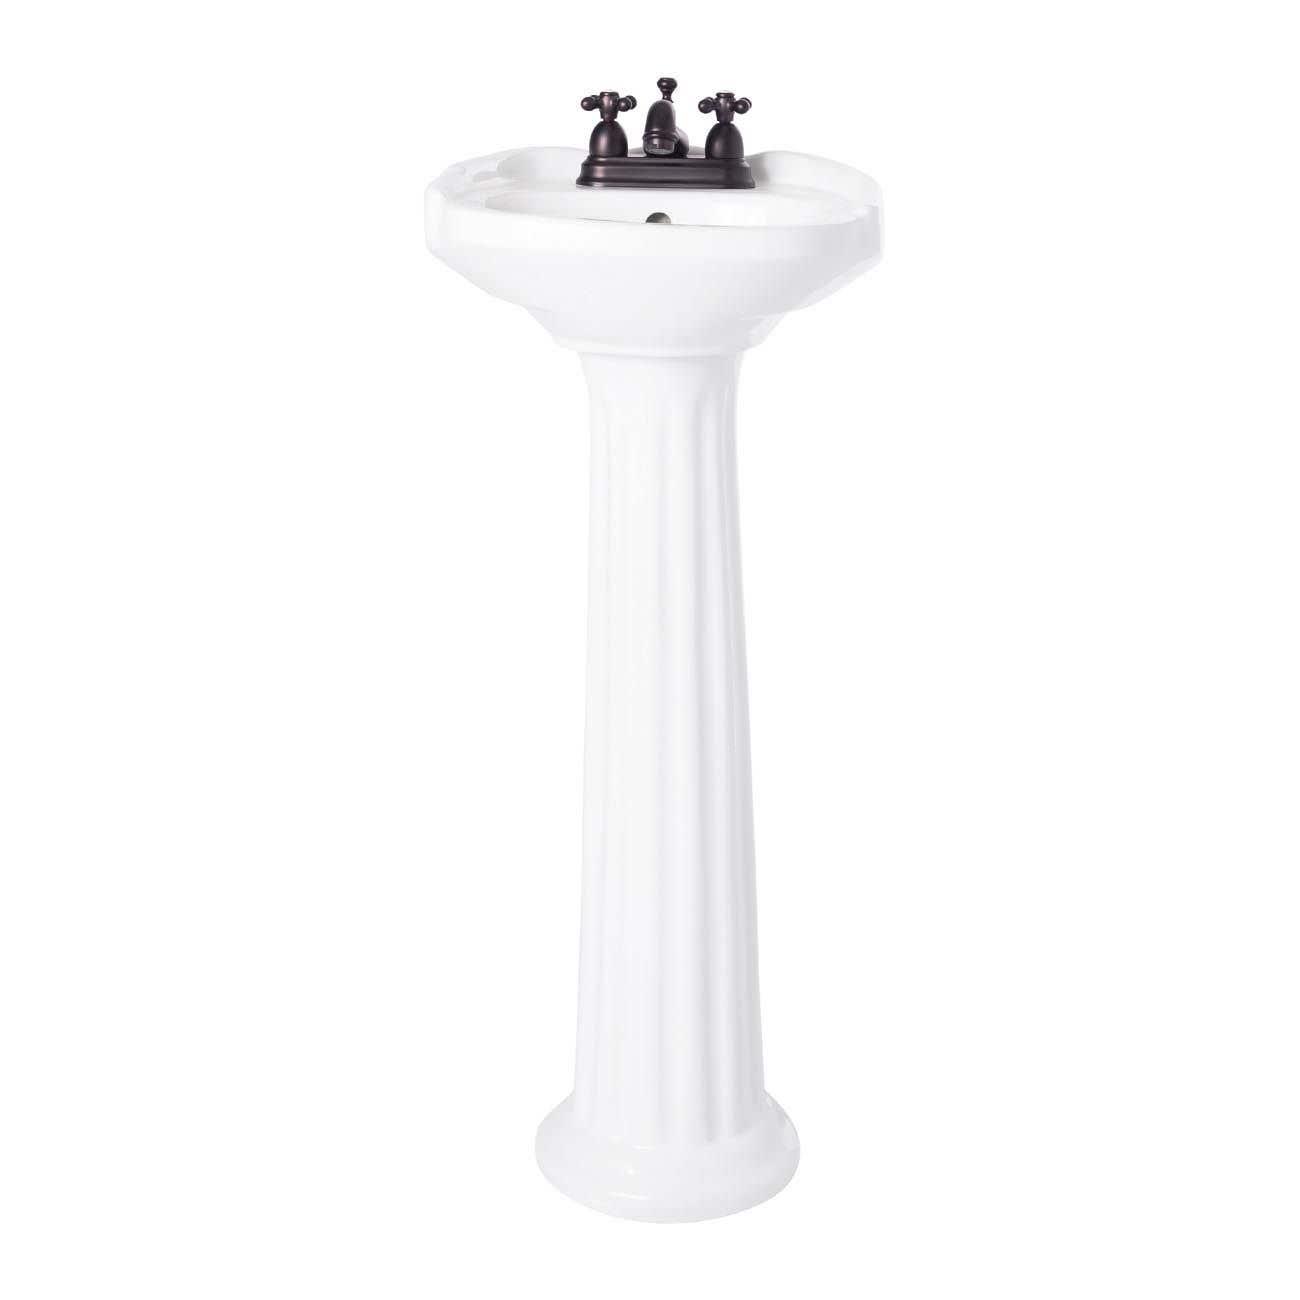 Calvo 15 Inch Pedestal Sink